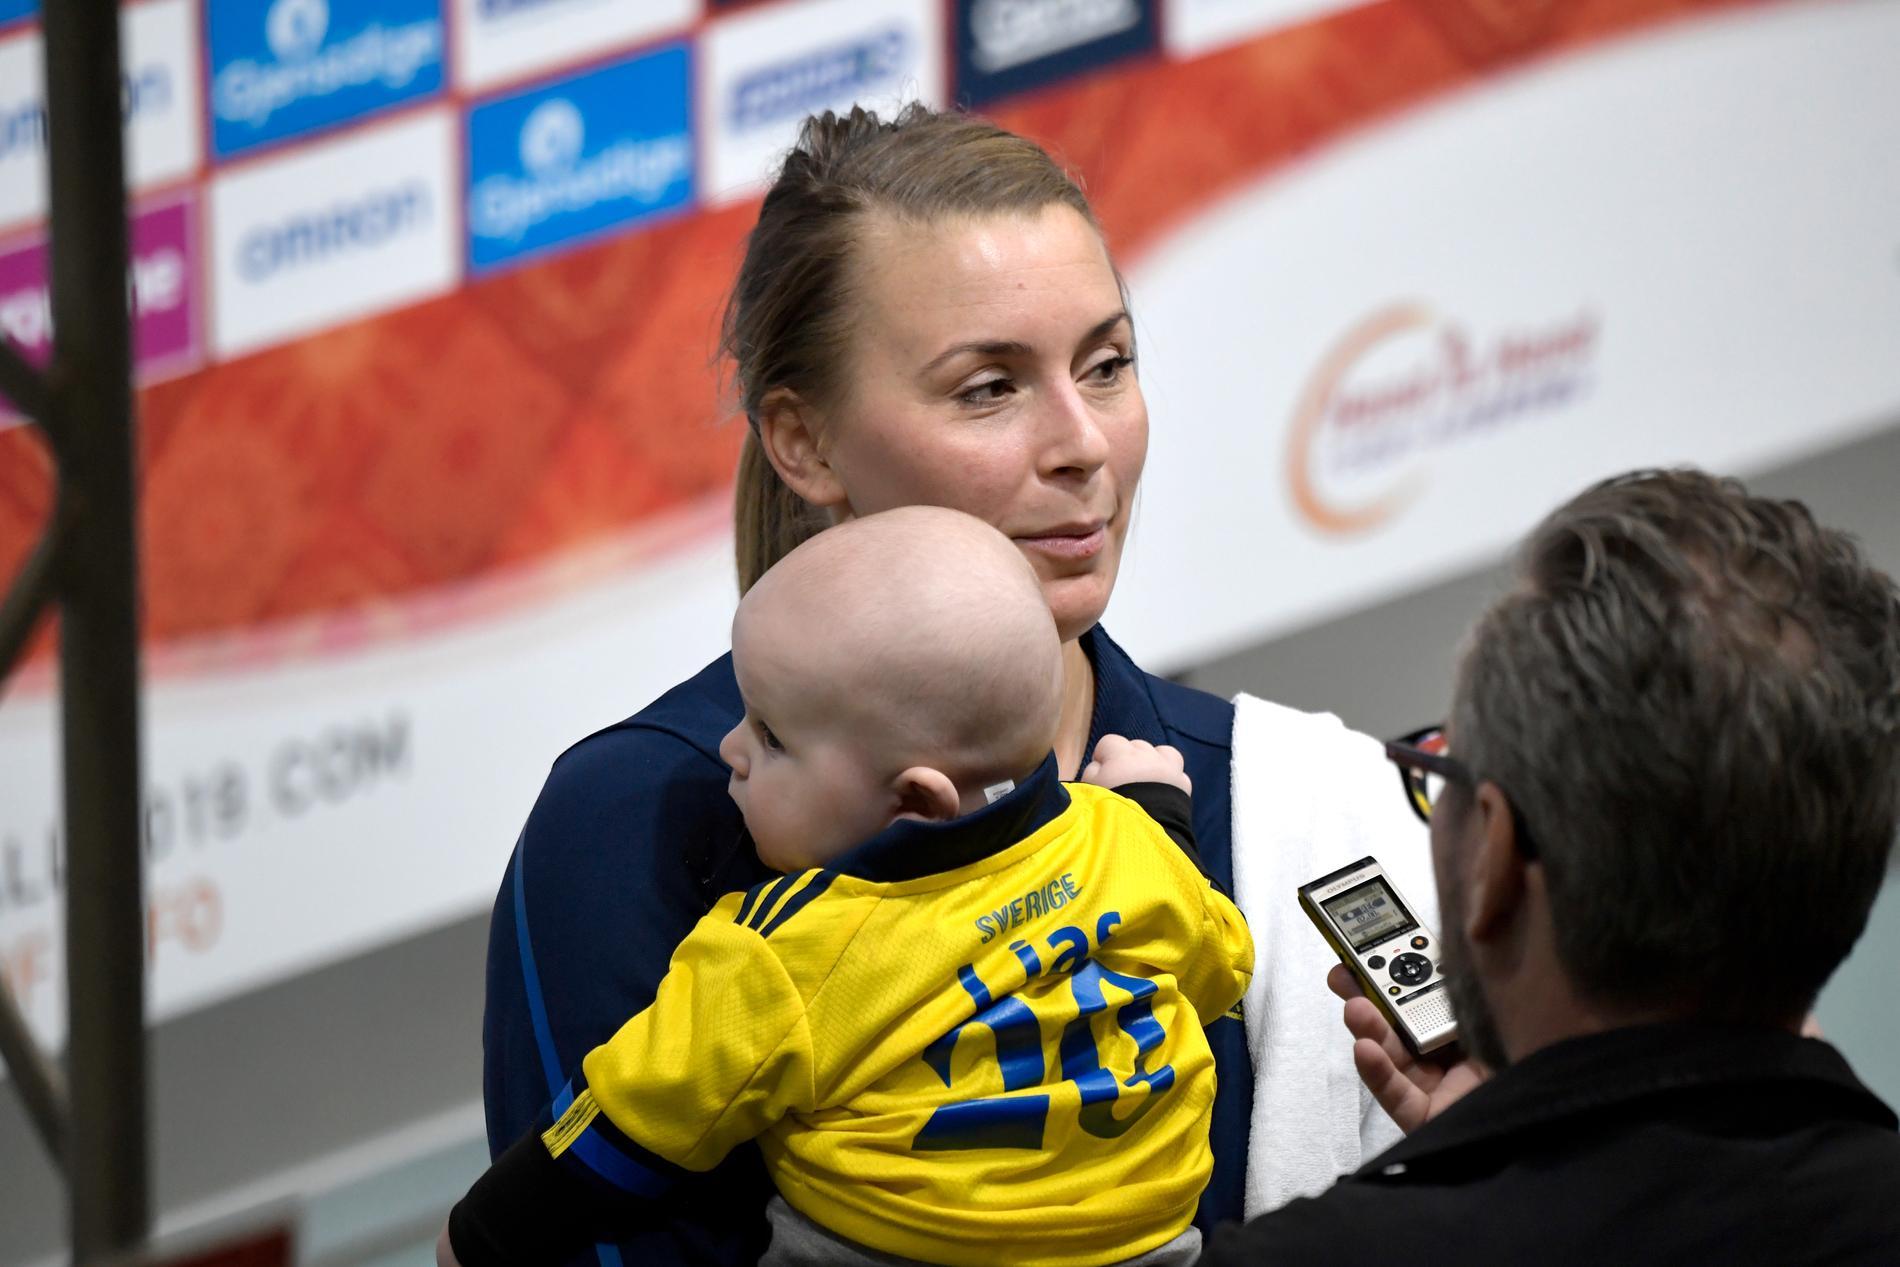 Sveriges Isabella Gulldén med sin son i mixade zonen efter segern i matchen mellan Sverige och Japan under handbolls-VM 2019.